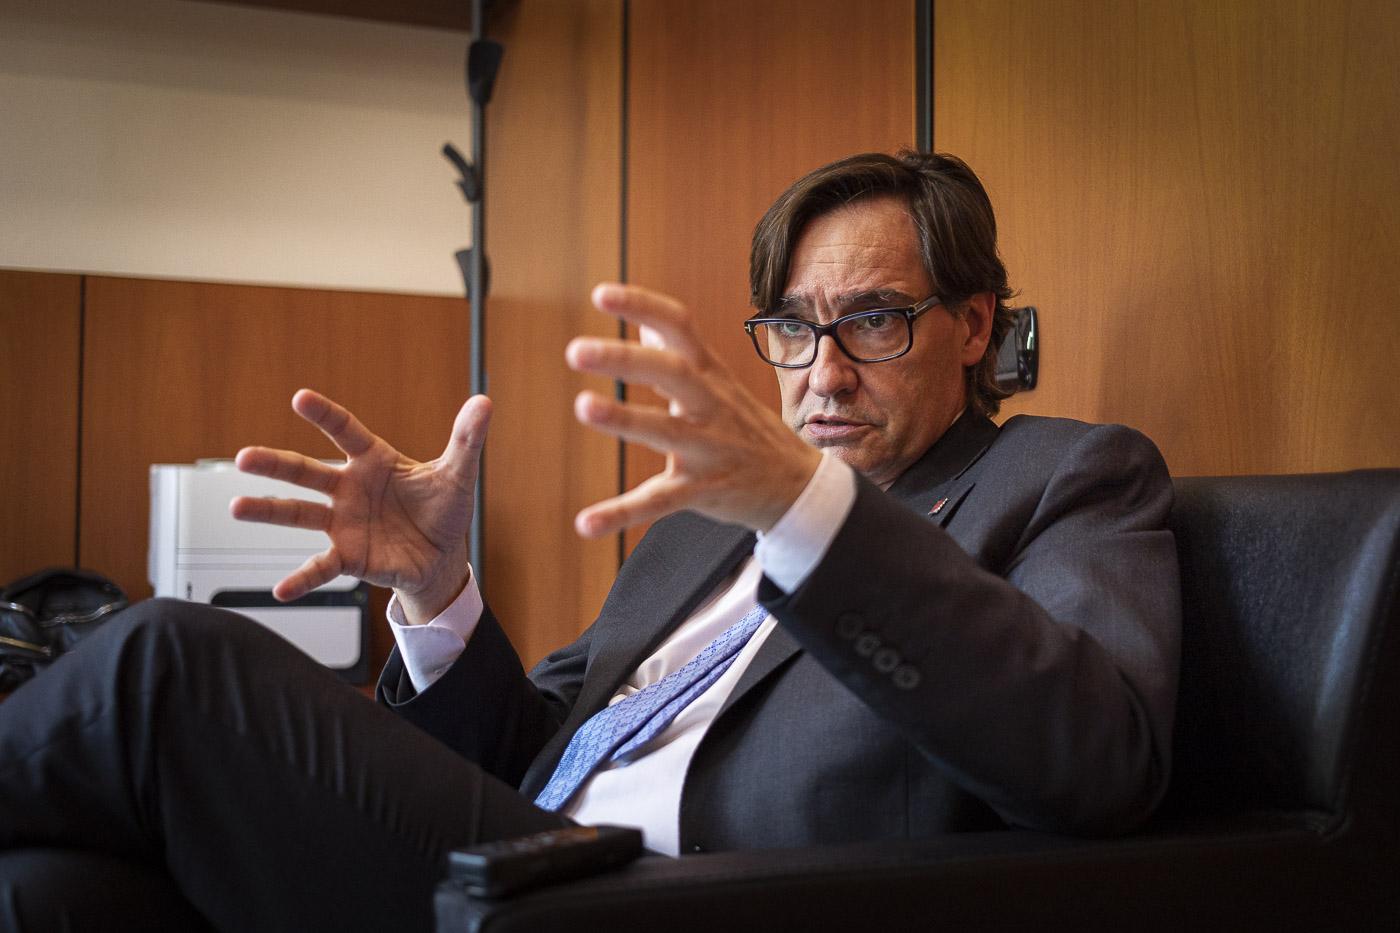 Salvador Illa, president del grup parlamentari del PSC i cap de l'oposició, durant l'entrevista amb El Món / Jordi Borràs